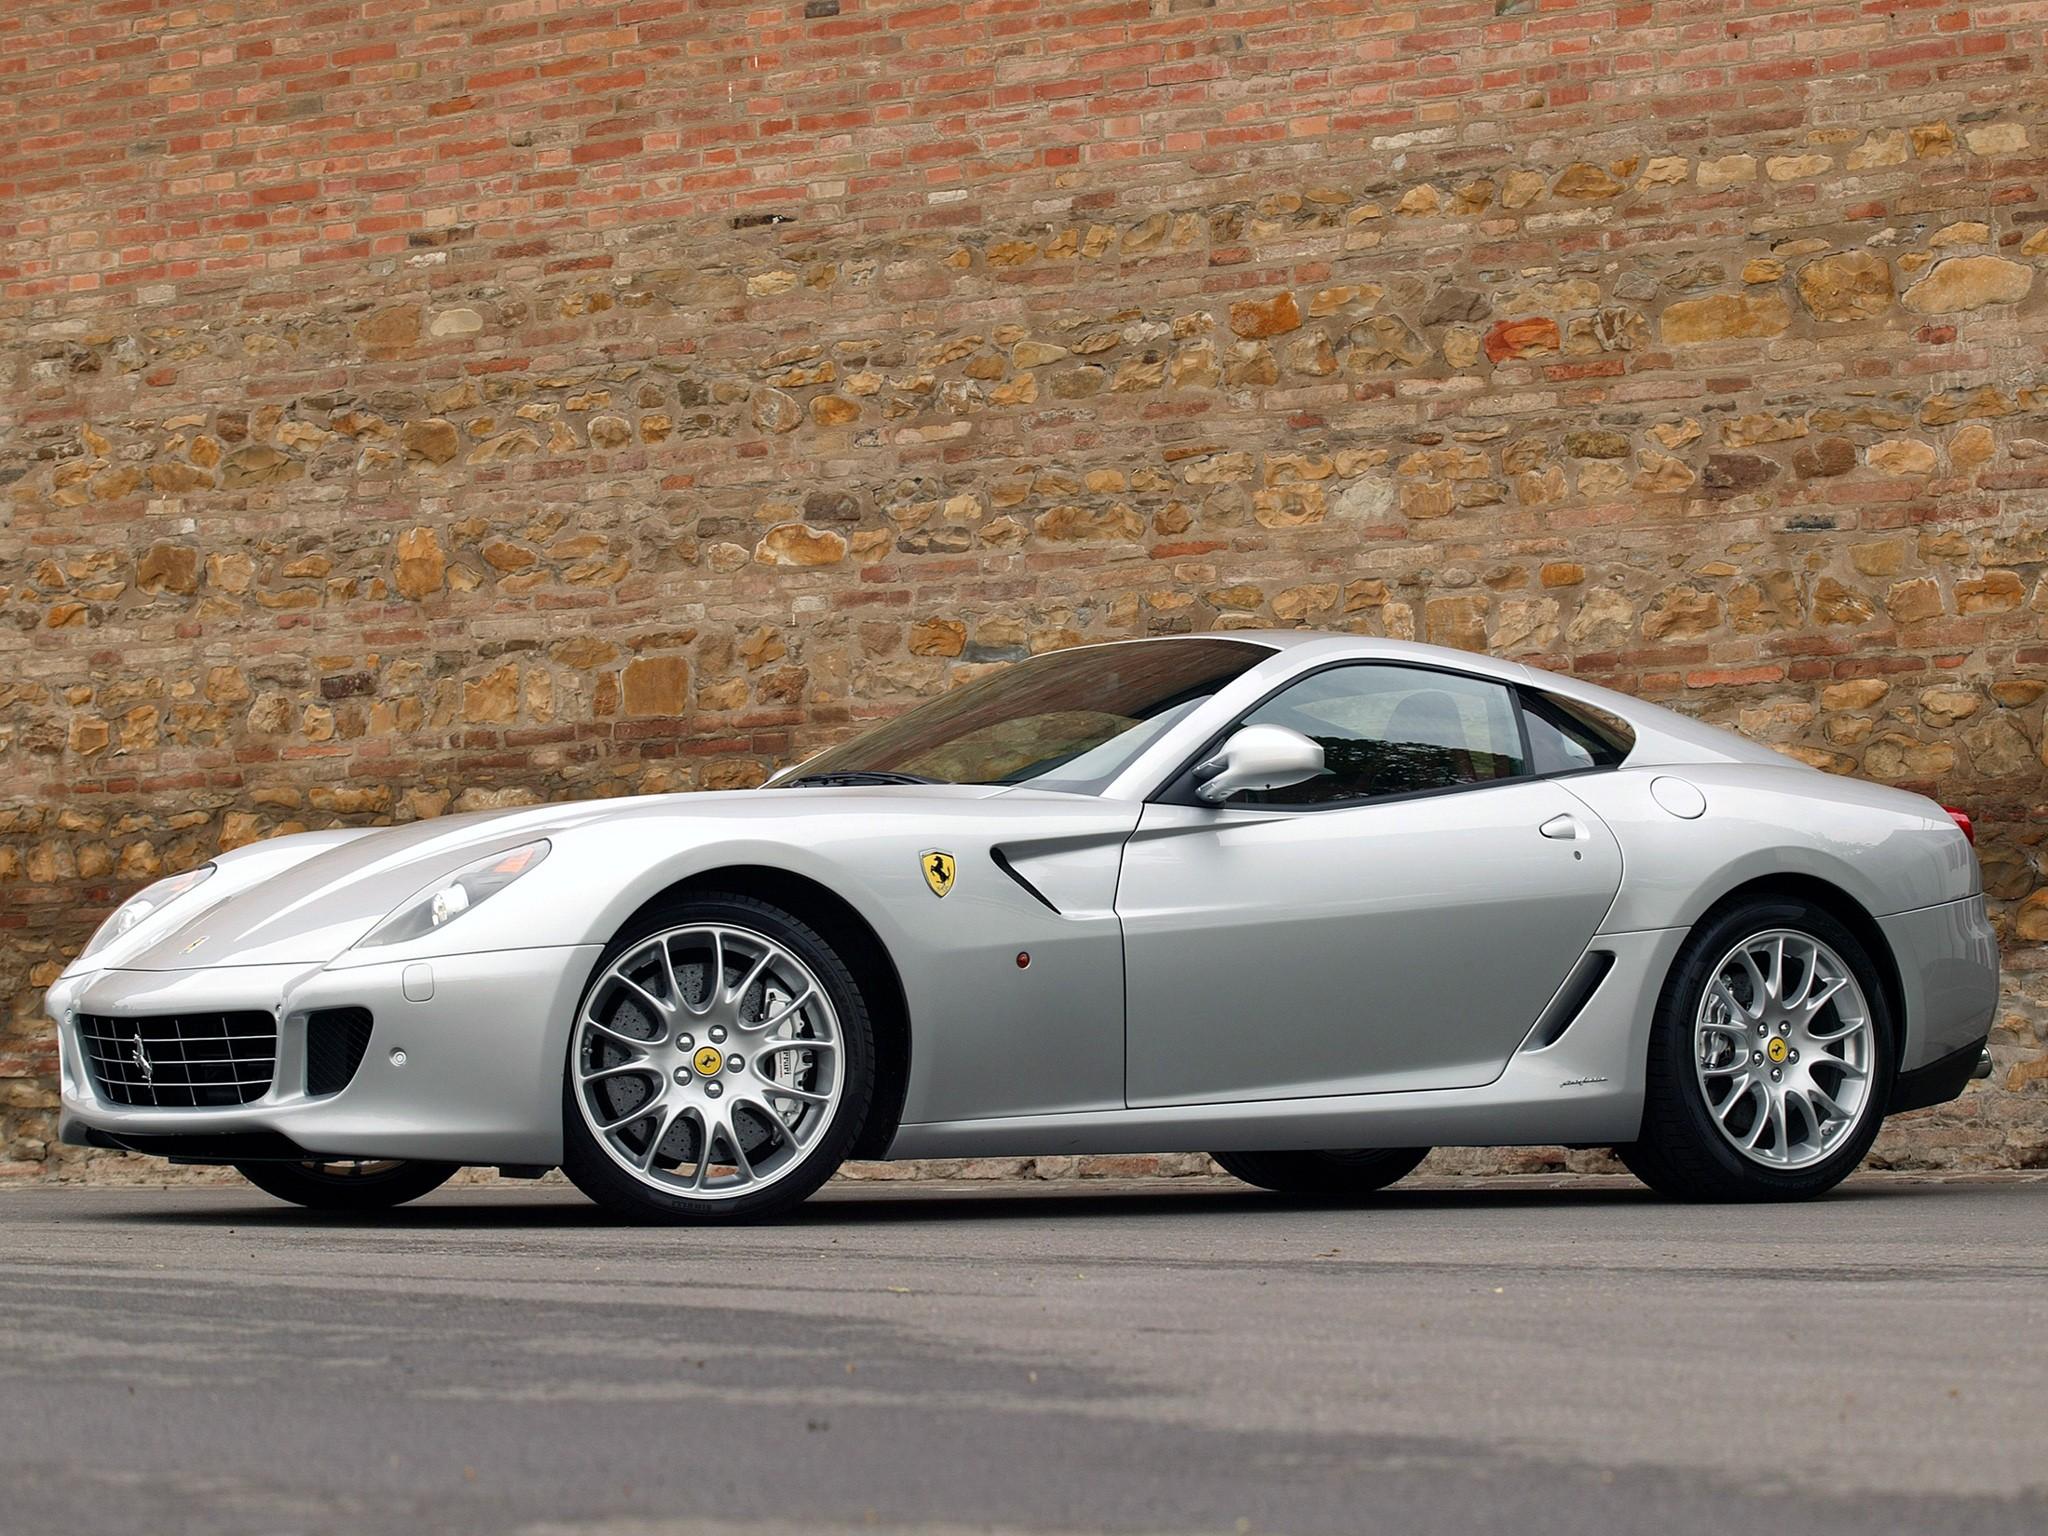 ferrari-599-2007-gtb-fiorano-2006.jpg